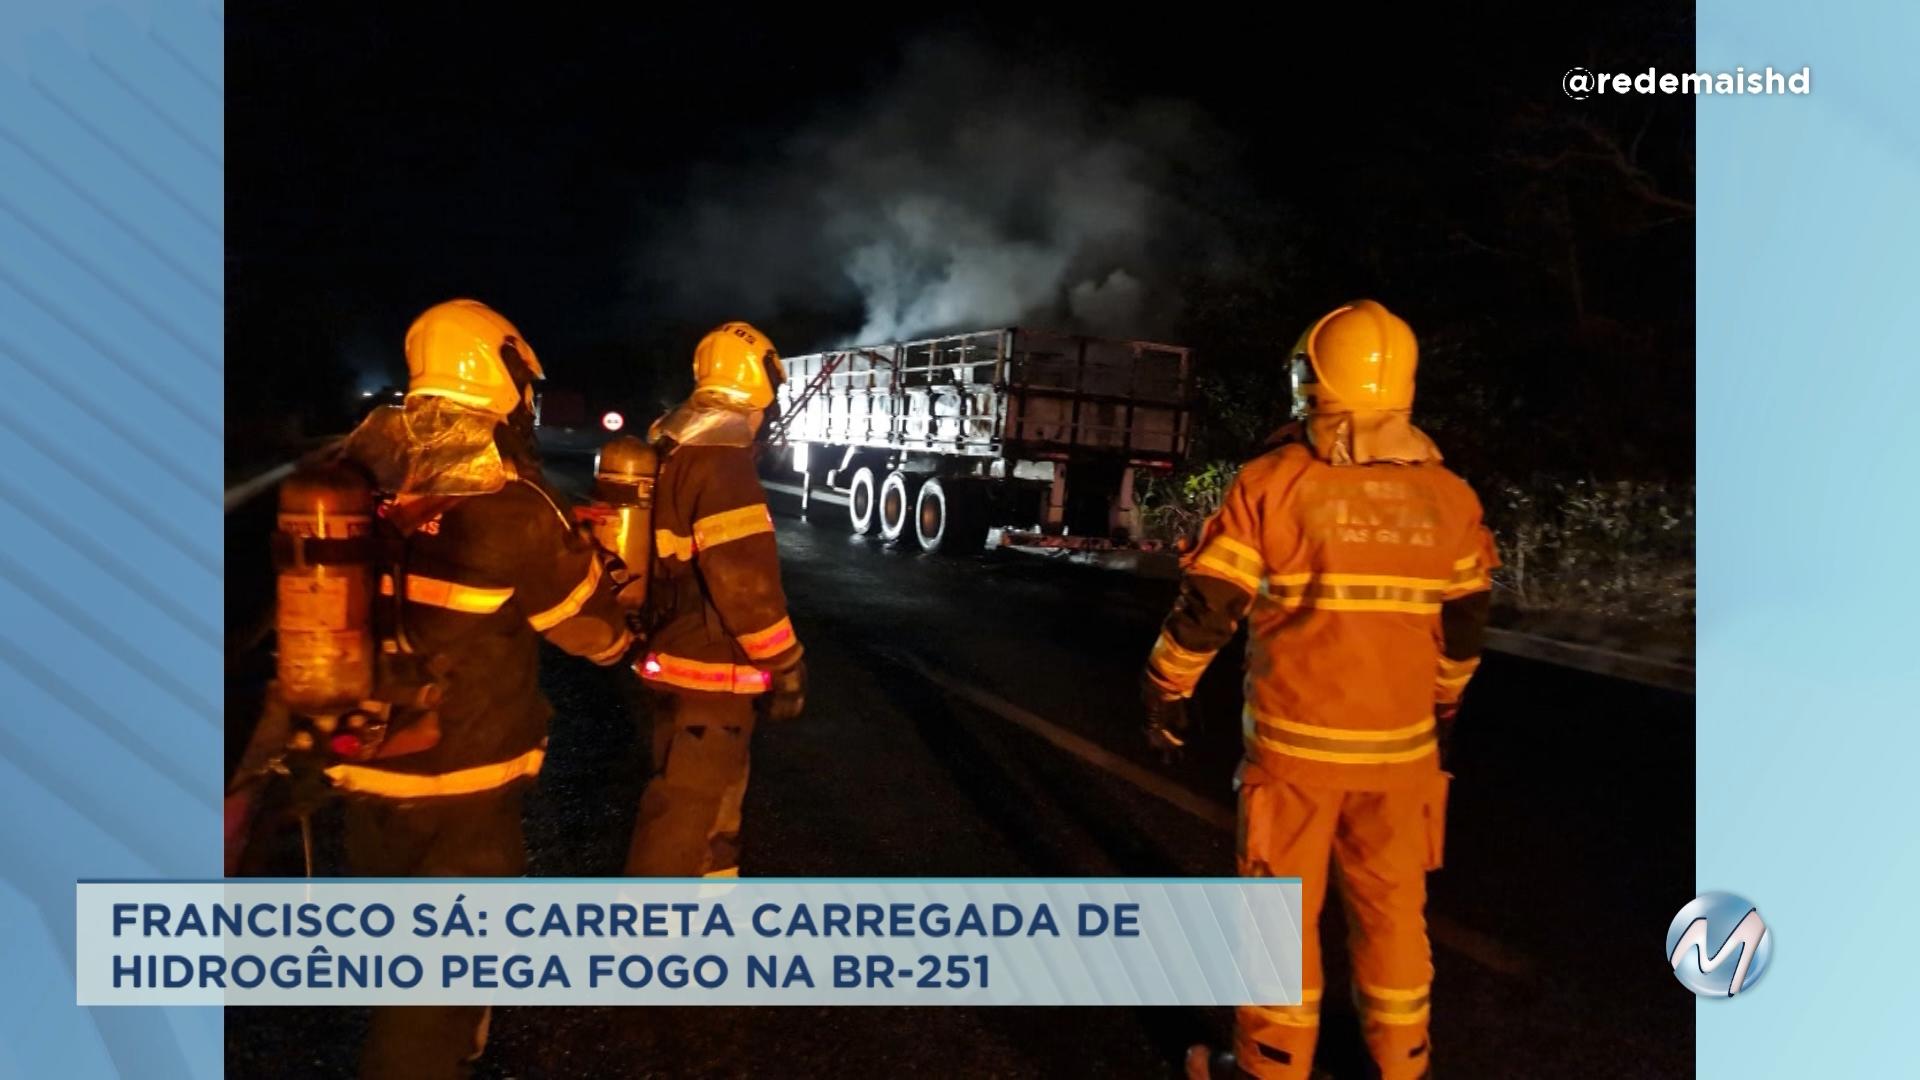 Francisco Sá: carreta carregada de hidrogênio pega fogo em rodovia